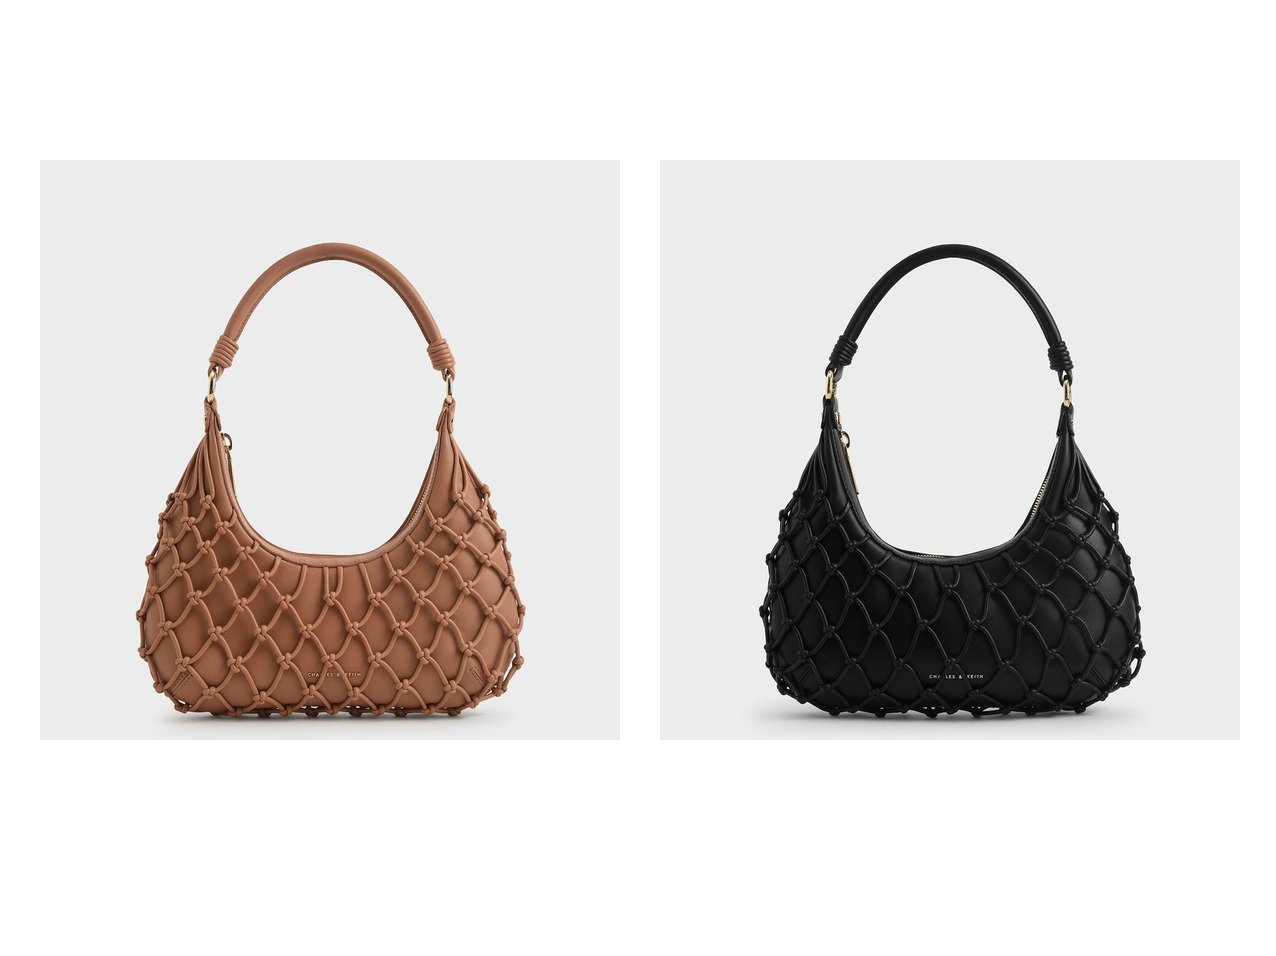 【CHARLES & KEITH/チャールズ アンド キース】のネテッド レザーショルダーバッグ Netted Leather Shoulder Bag おすすめ!人気トレンド・レディースファッション通販 おすすめで人気の流行・トレンド、ファッションの通販商品 インテリア・家具・メンズファッション・キッズファッション・レディースファッション・服の通販 founy(ファニー) https://founy.com/ ファッション Fashion レディースファッション WOMEN バッグ Bag 2021年 2021 2021春夏・S/S SS/Spring/Summer/2021 S/S・春夏 SS・Spring/Summer スマート トレンド フォーマル ベーシック メッシュ ラップ リアル 夏 Summer 春 Spring 財布  ID:crp329100000054556